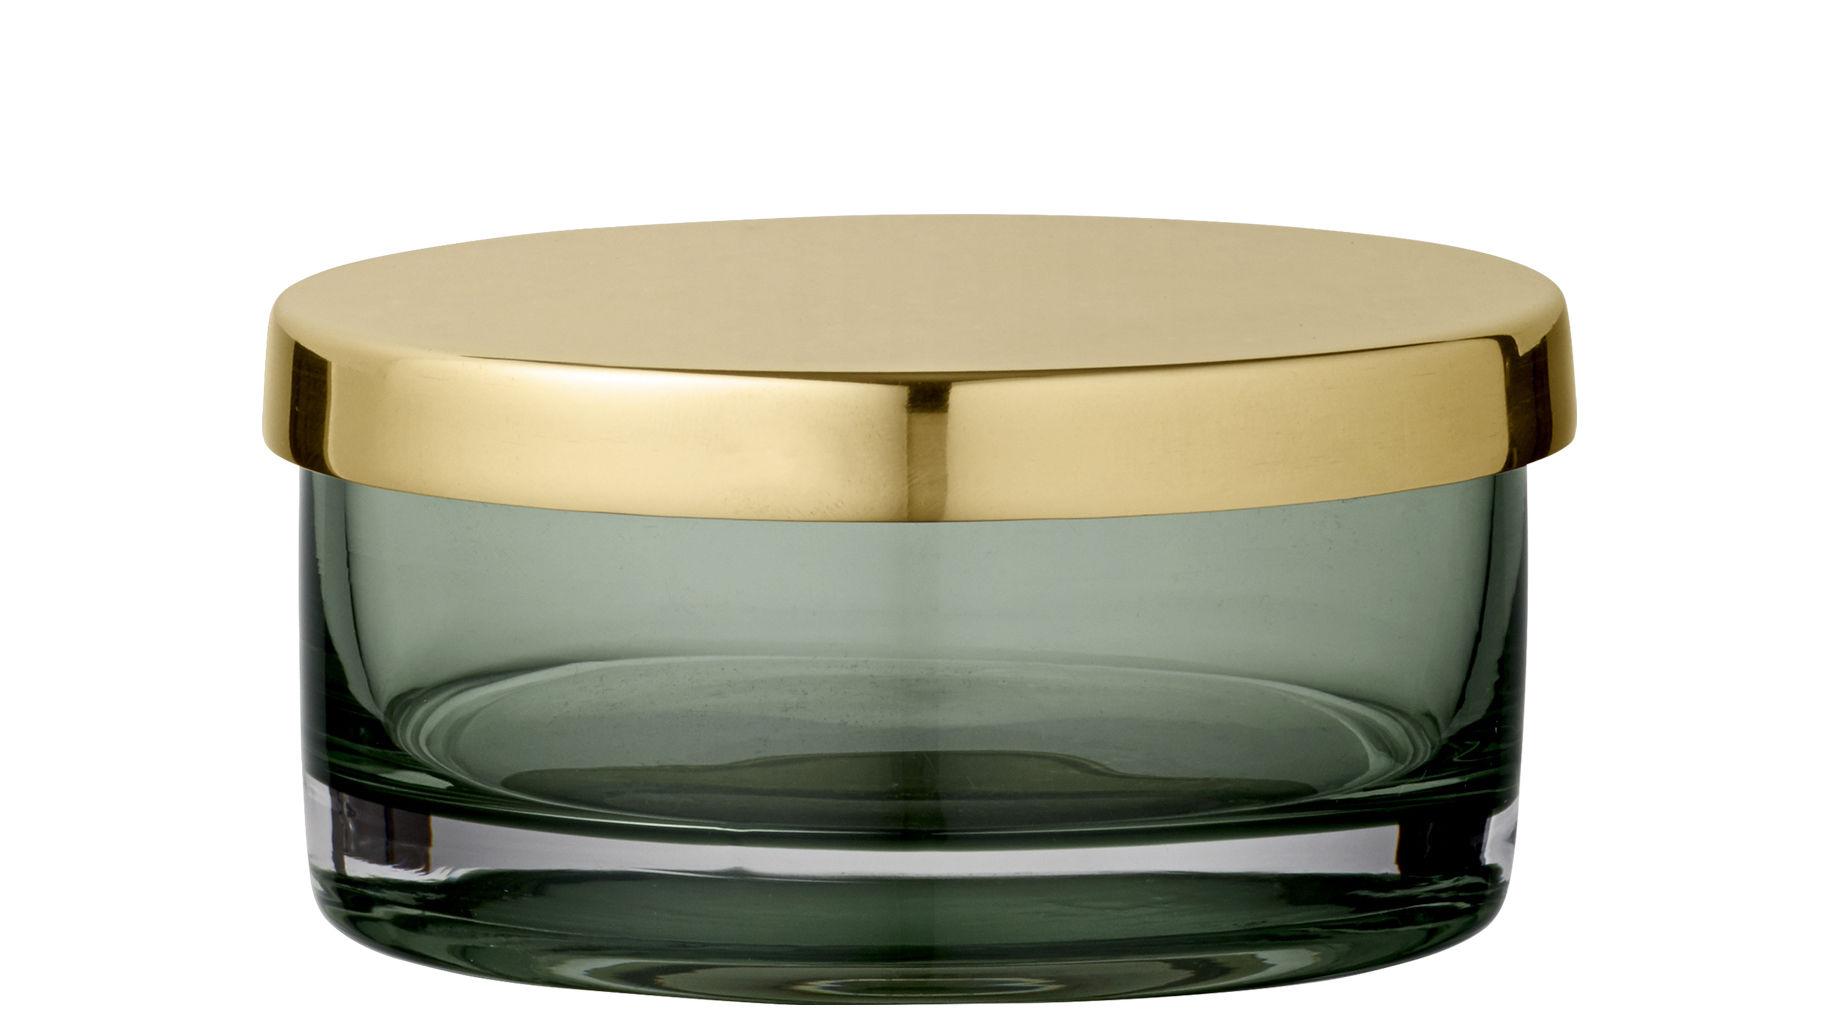 Déco - Boîtes déco - Boîte Tota Small / Cylindre - Ø 9 x H 4,5 cm - AYTM - Vert forêt / Laiton - Laiton, Verre